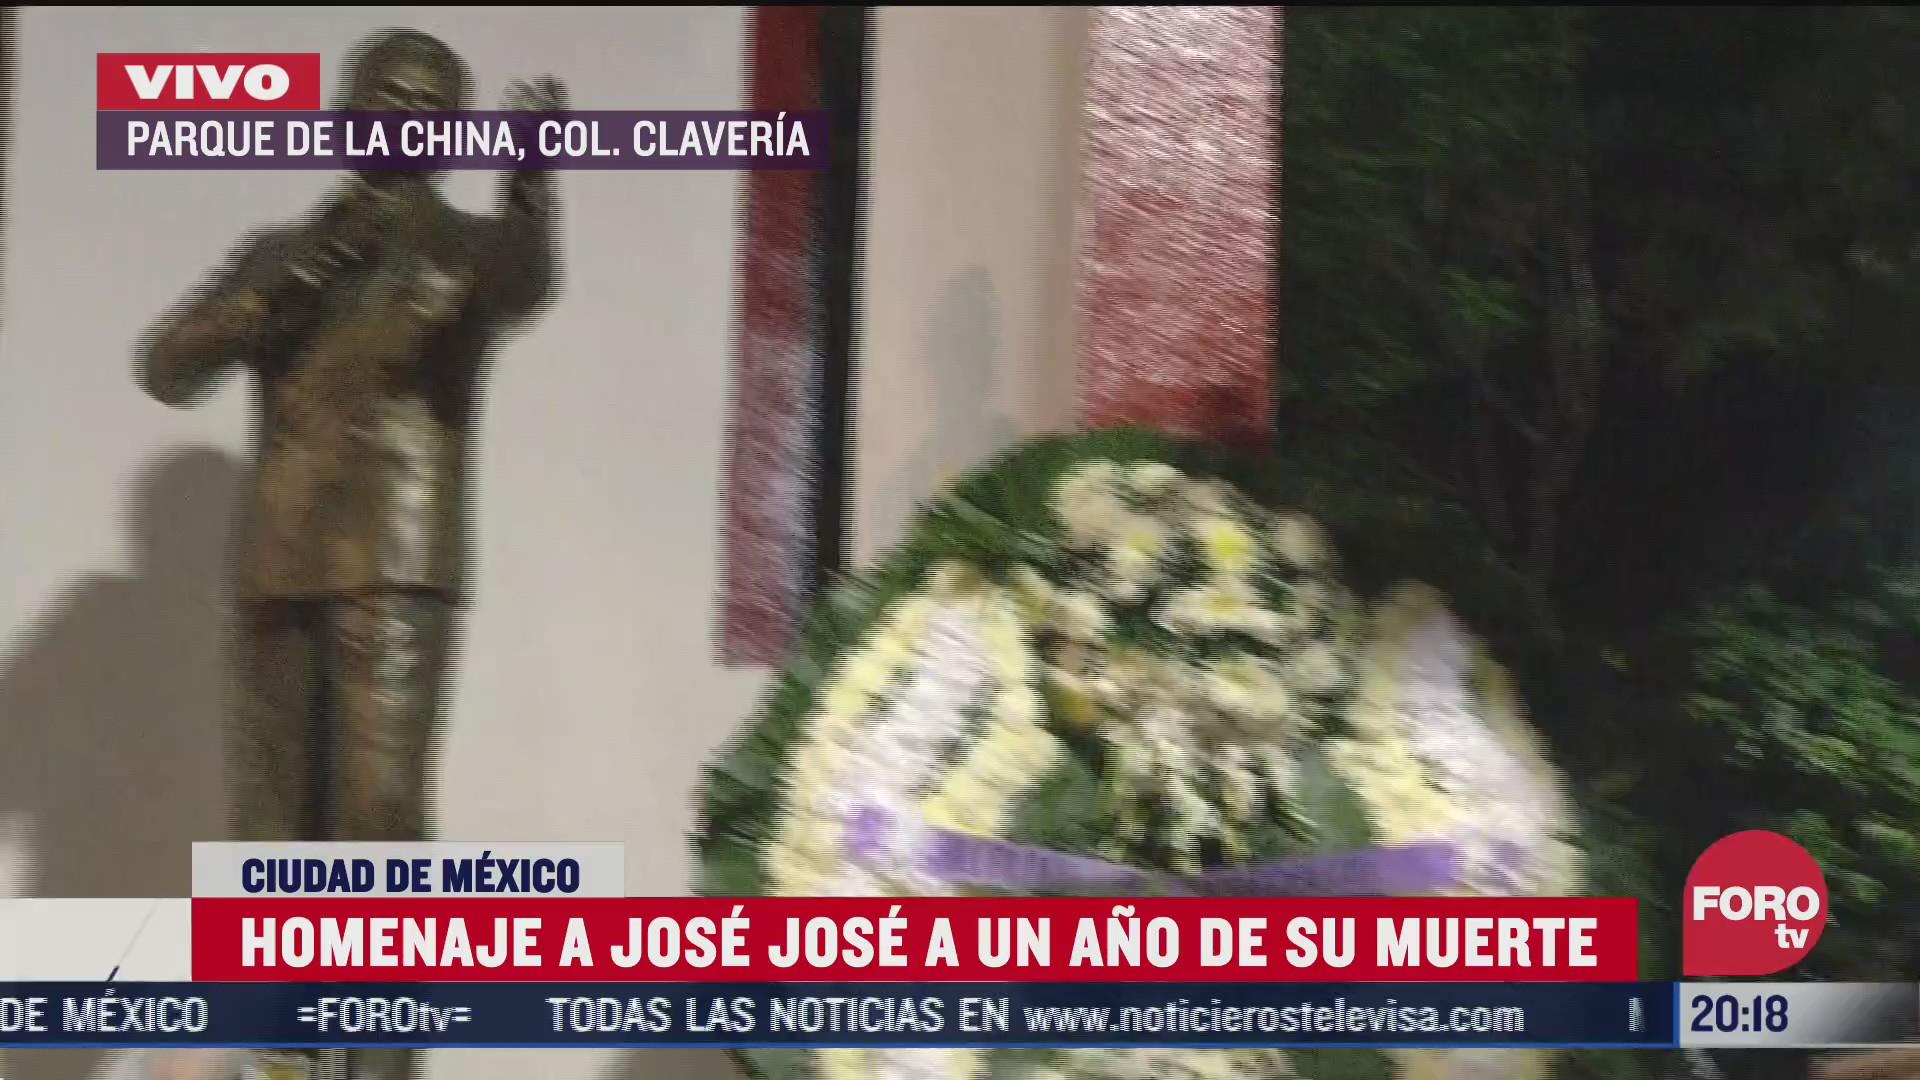 homenaje a jose jose a un ano de su muerte